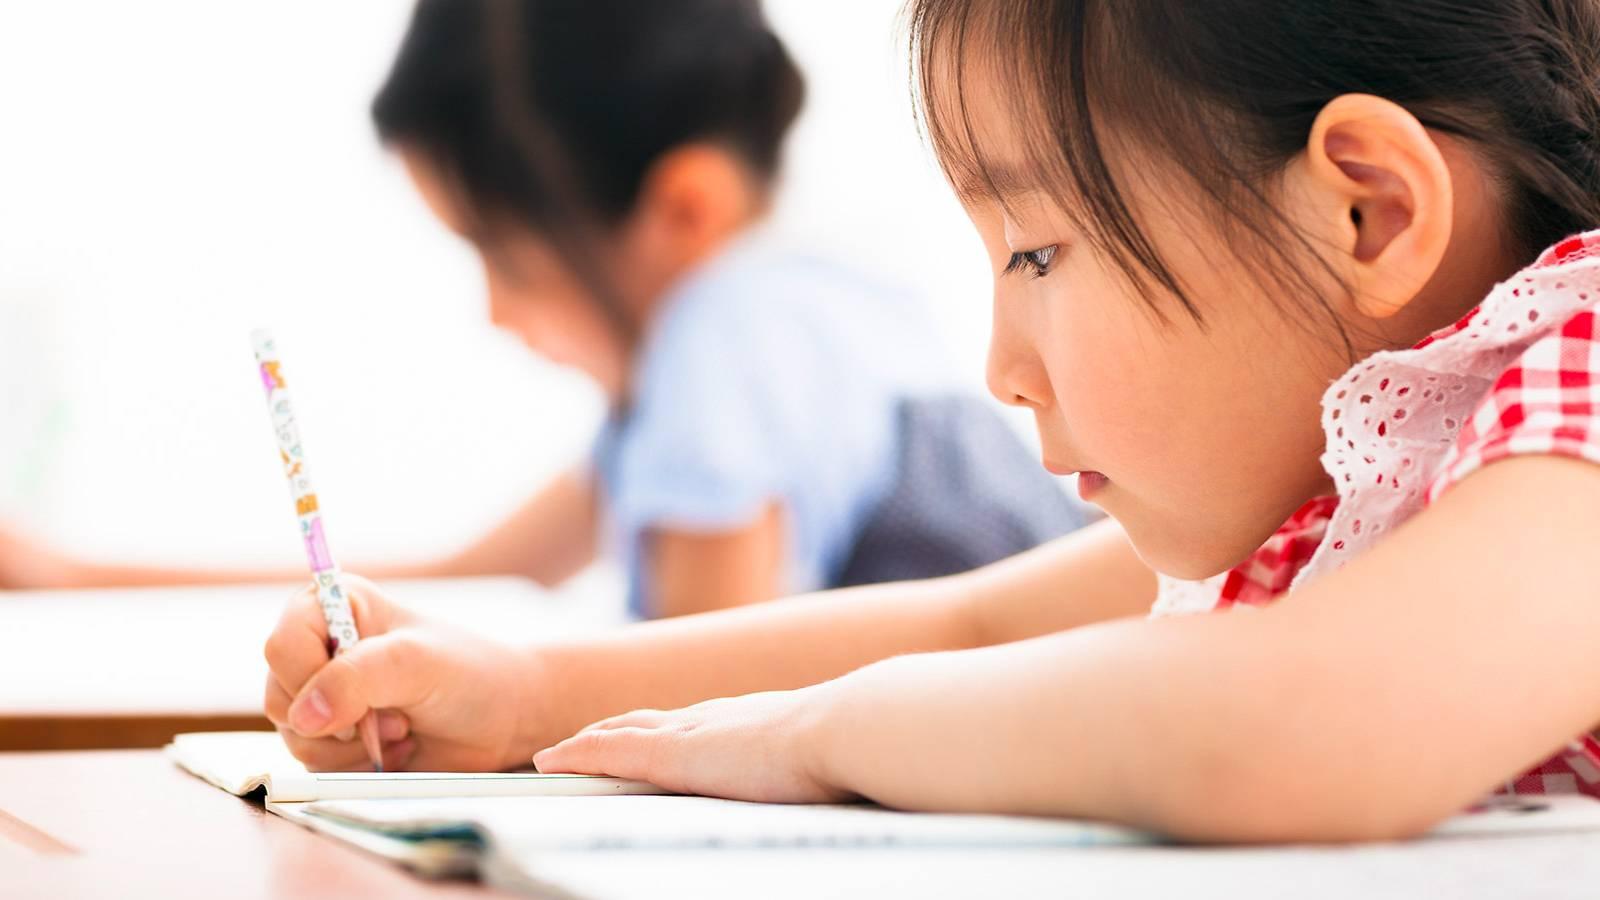 Các chương trình học tiếng Anh cho bé được thiết kế riêng để phù hợp với đối tượng là con trẻ ở độ tuổi mẫu giáo